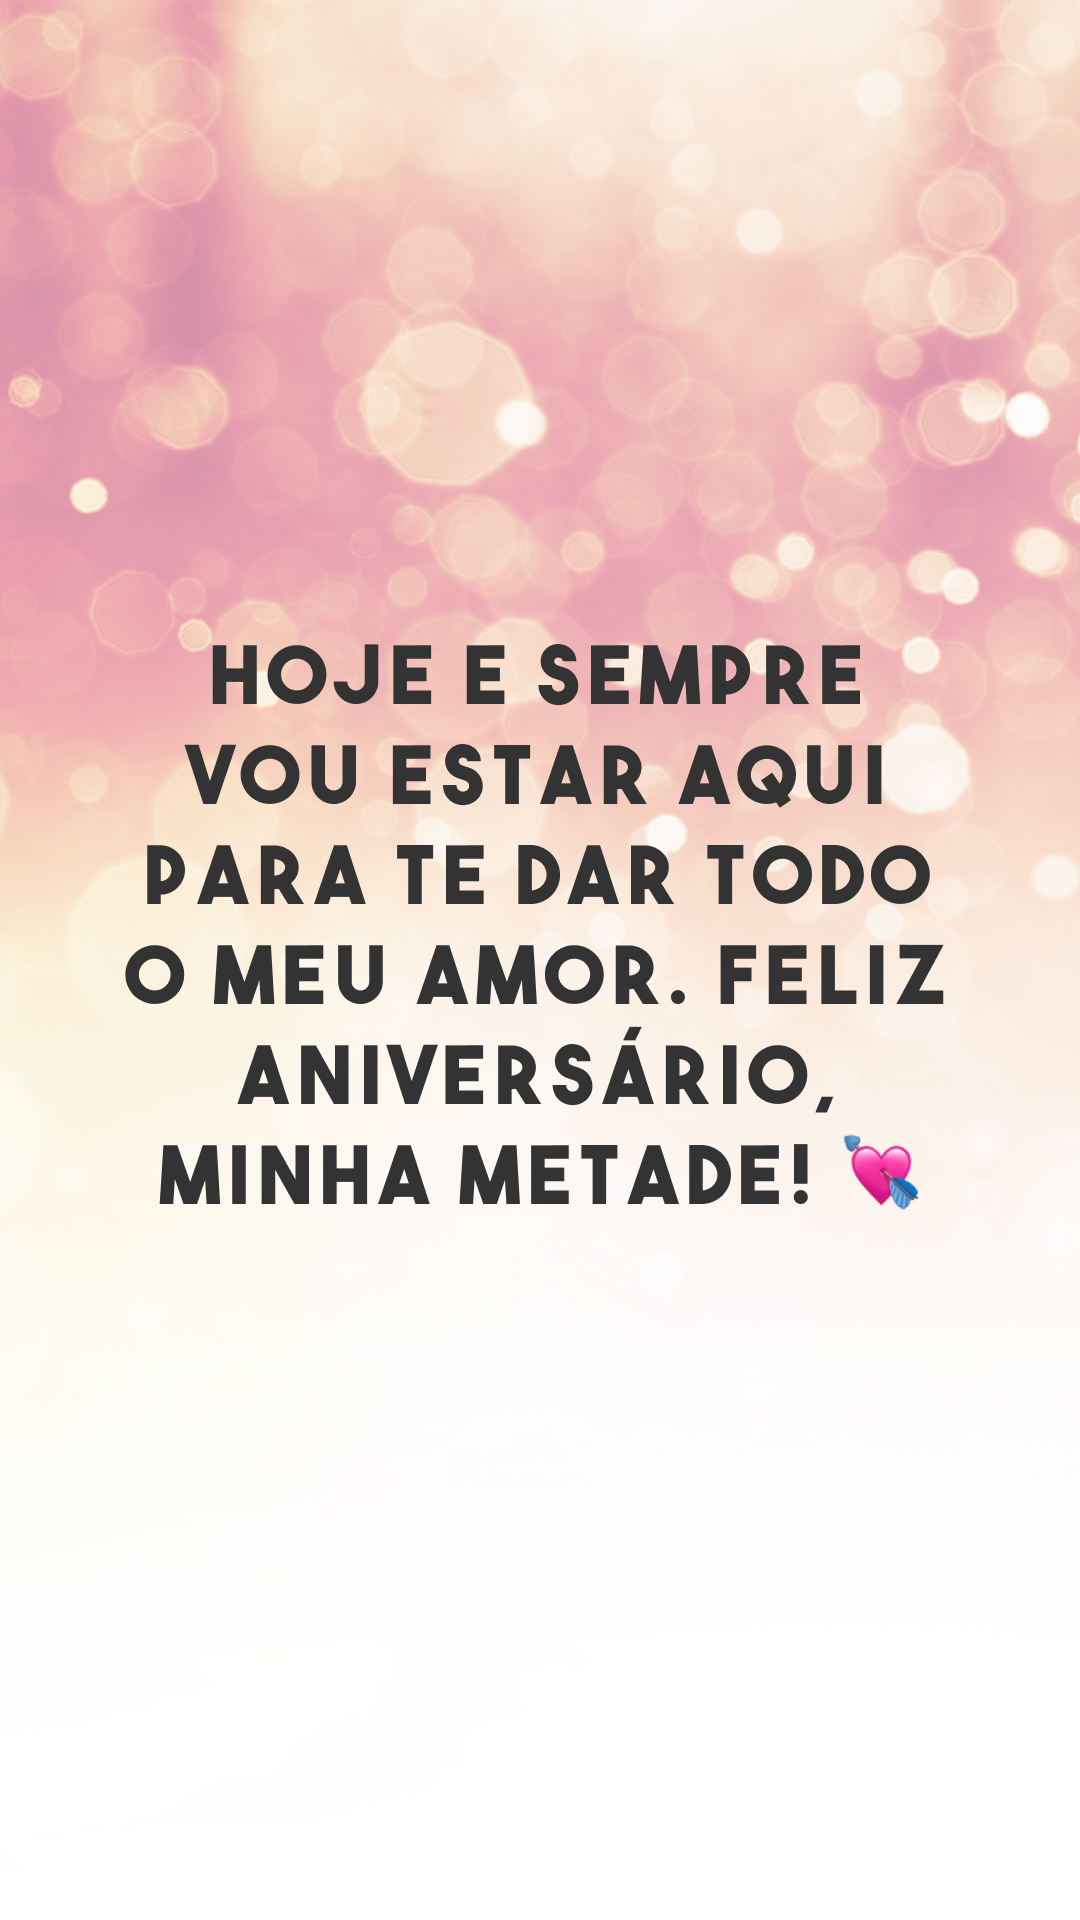 Hoje e sempre vou estar aqui para te dar todo o meu amor. Feliz aniversário, minha metade! 💘